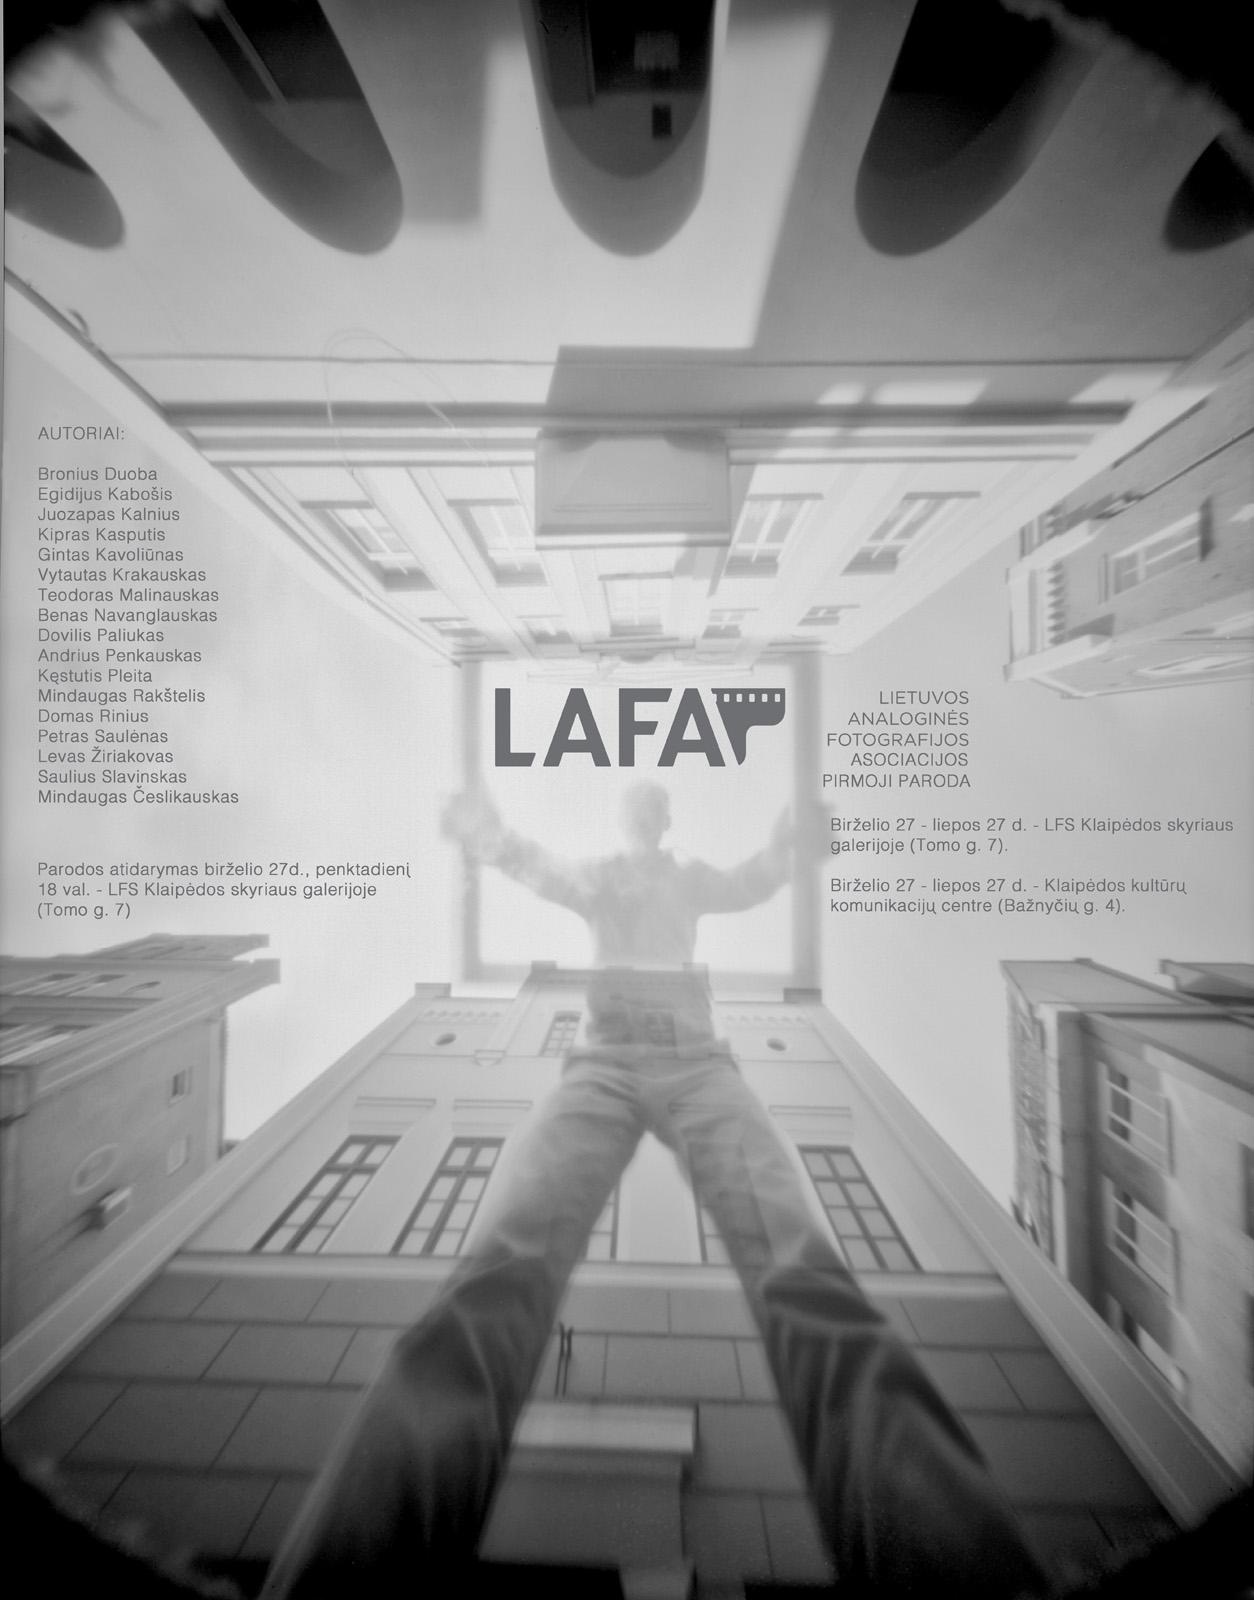 LAFA_Klaipeda_plakatas